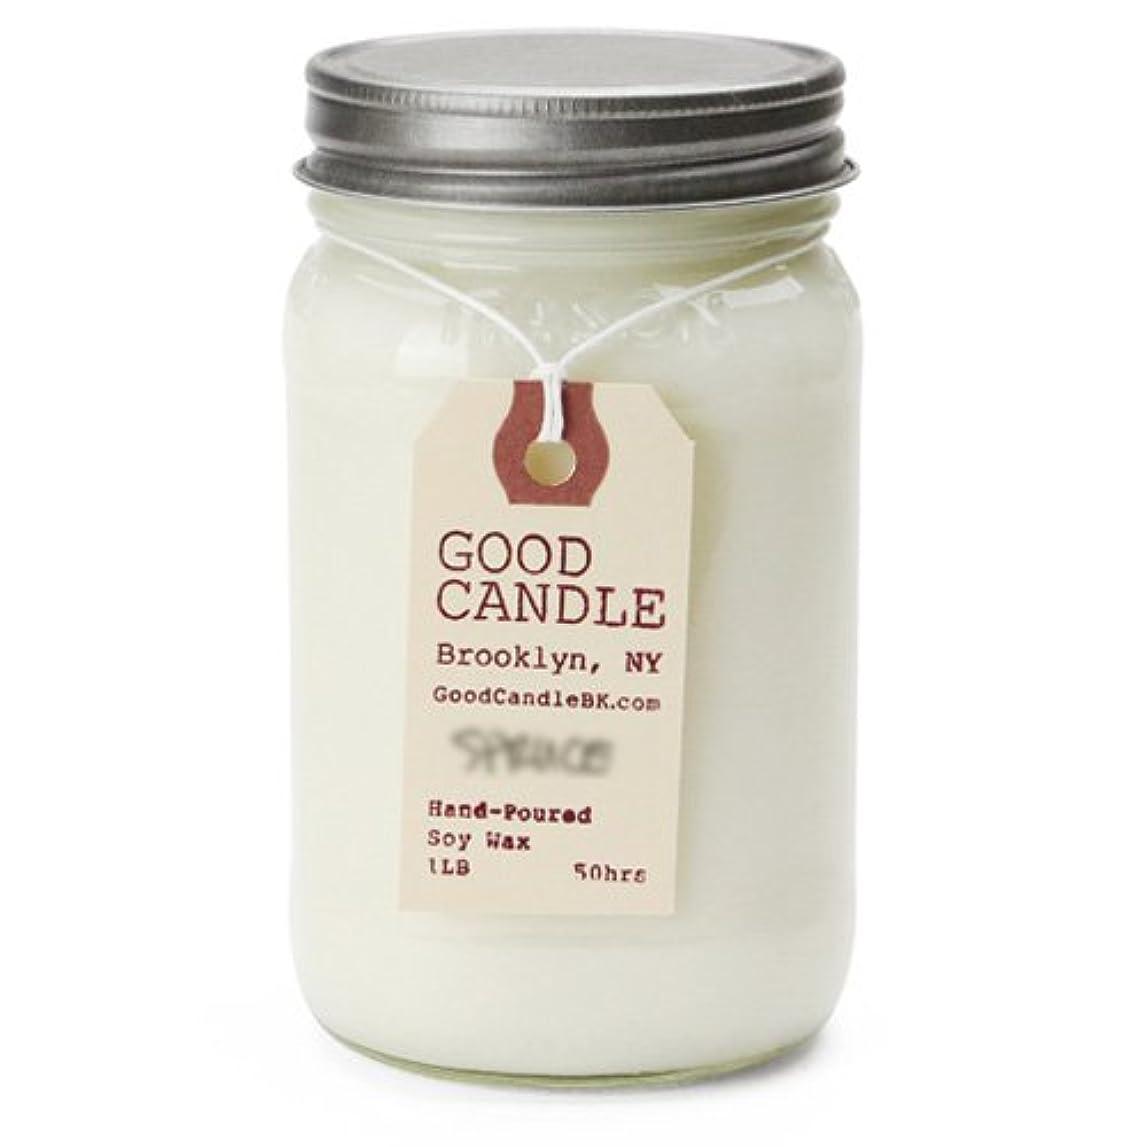 好み開梱いうグッドキャンドル 1ポンド メイソンジャー キャンドル Good Candle 1LB Mason jar candle [ Wash board ] 正規品